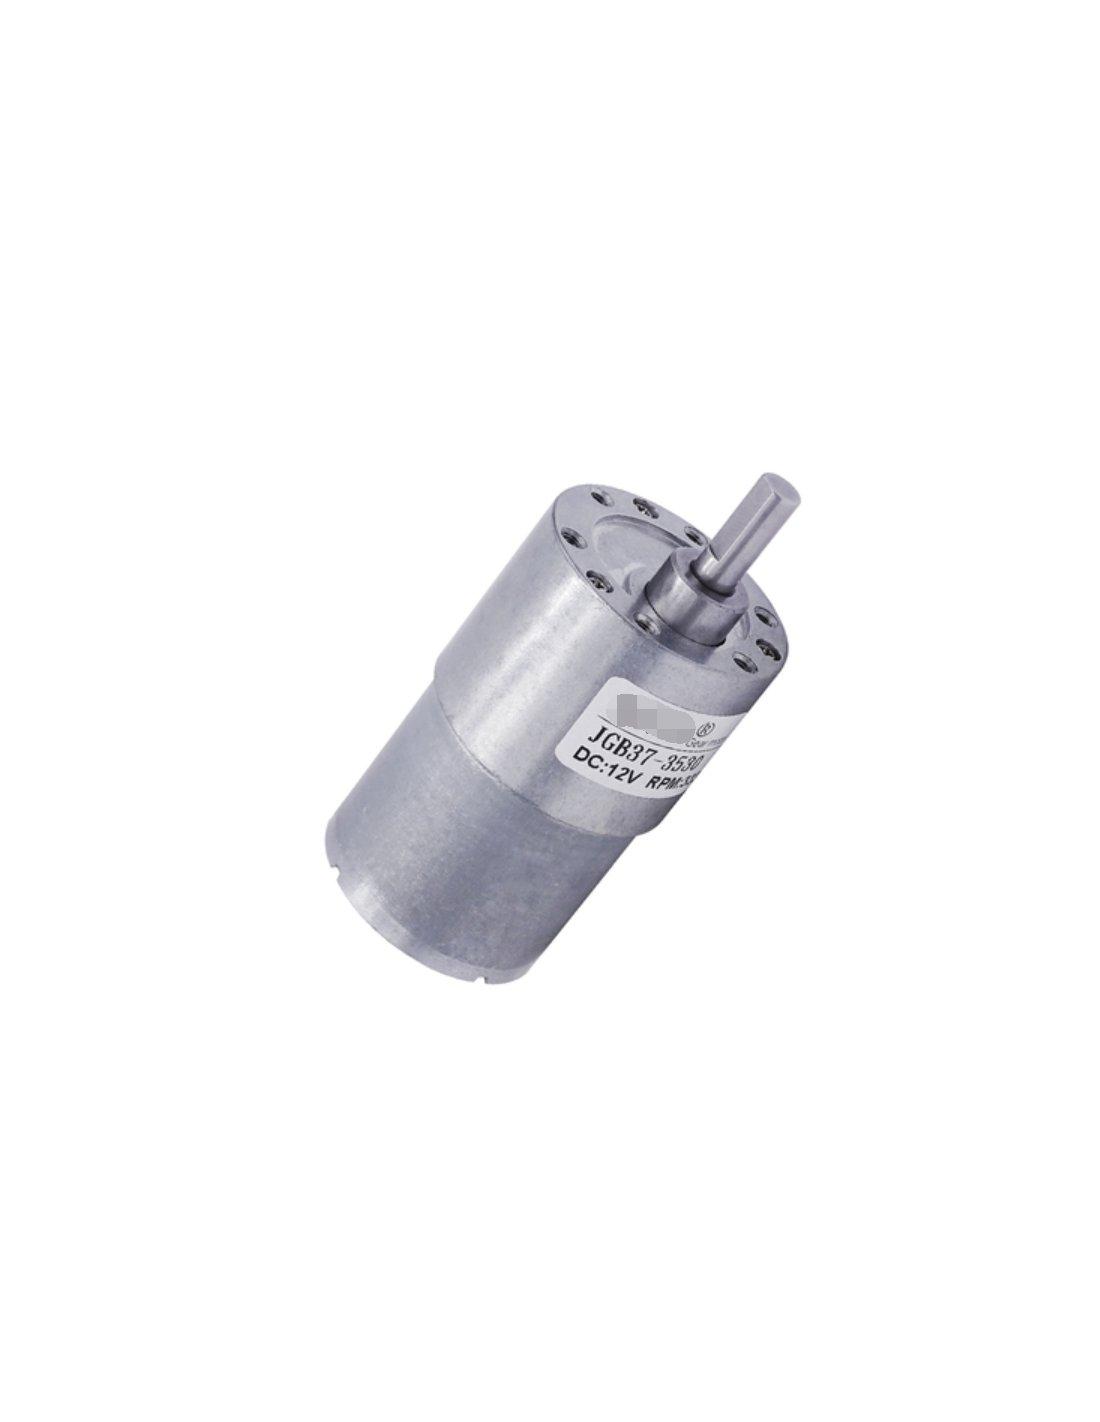 JGB37-3530 Small DC Gear Motor 12V 1000rpm